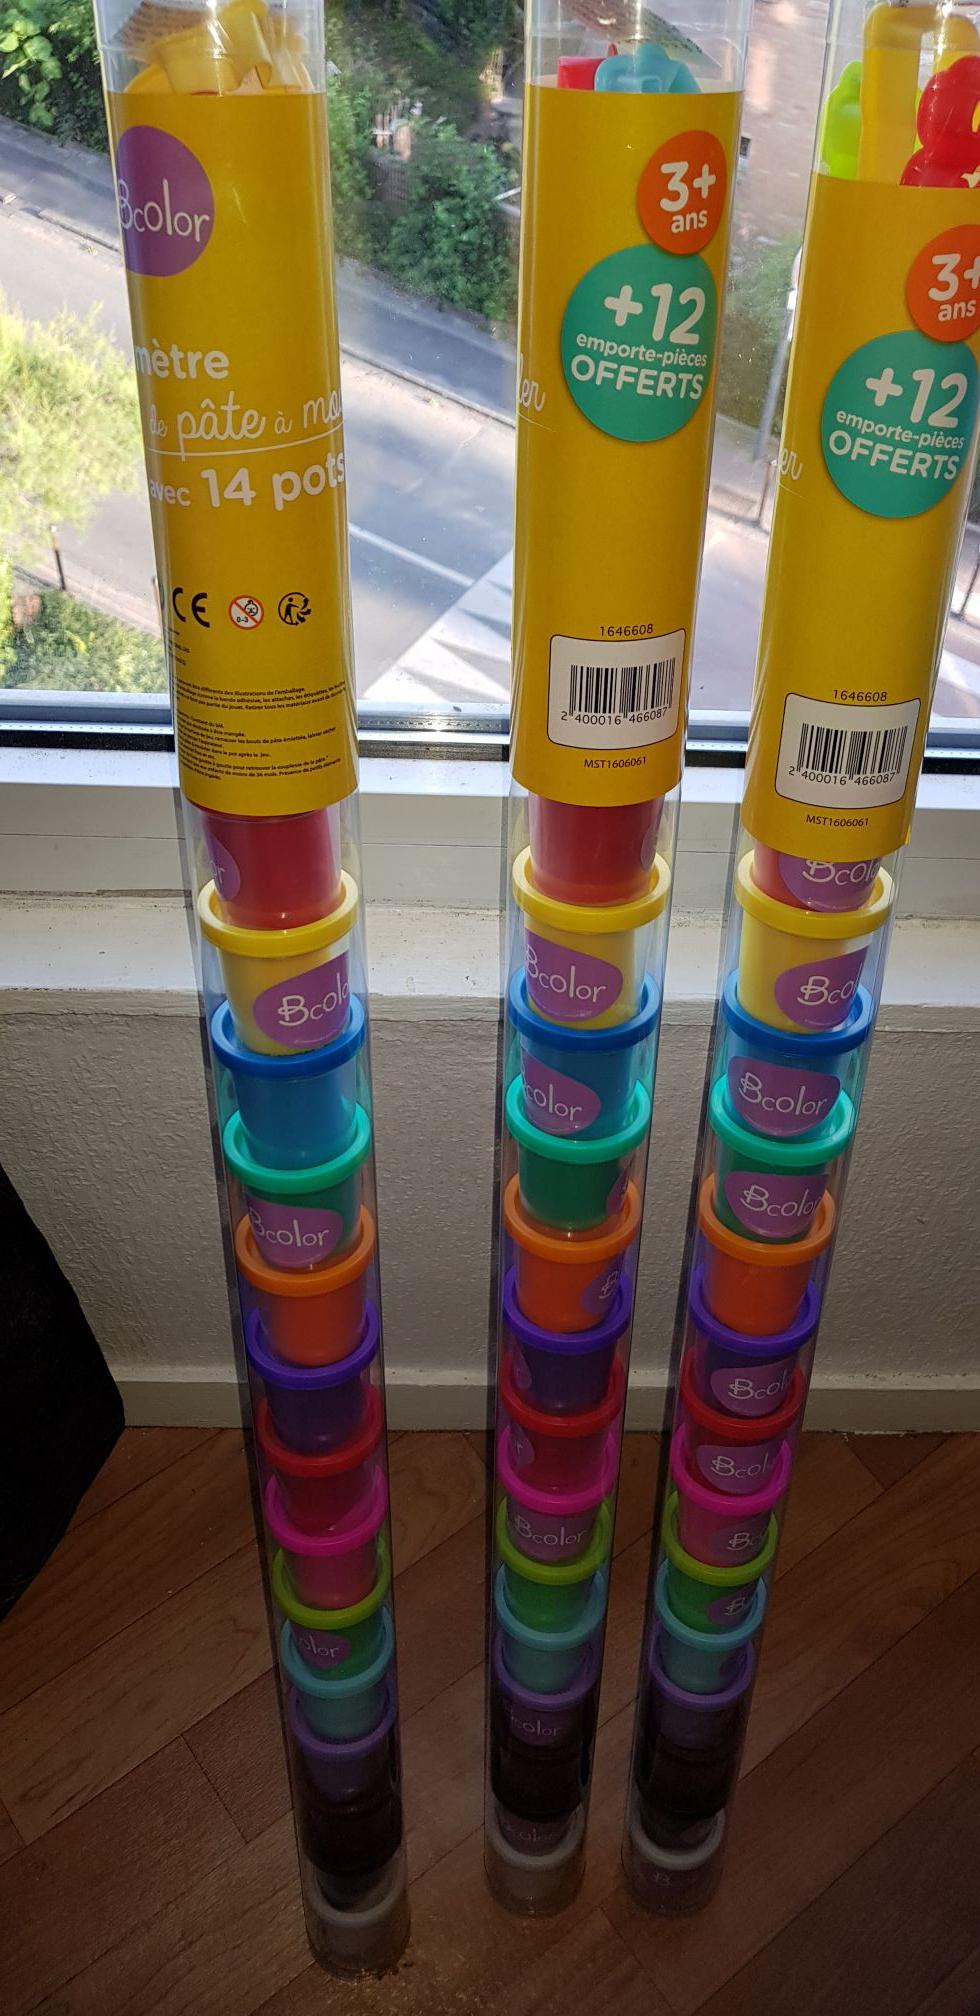 3x Tubes de 14 pots de pâte à modeler (soit 42 pots) - Villeneuve-d'Ascq (59)